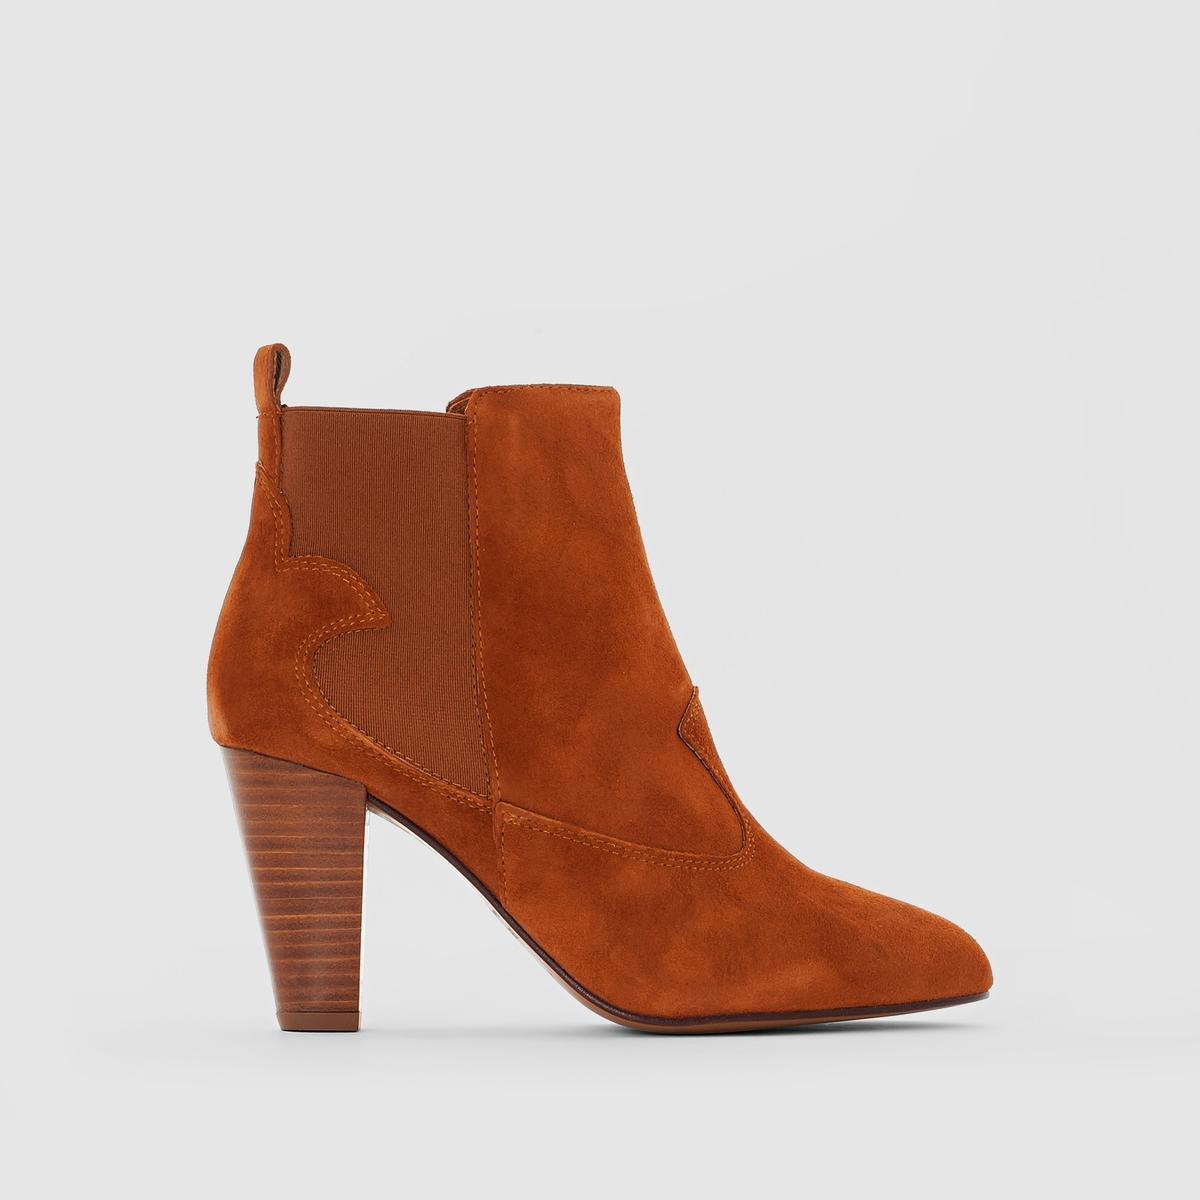 Ботильоны кожаные на высоком каблуке Daisy цены онлайн